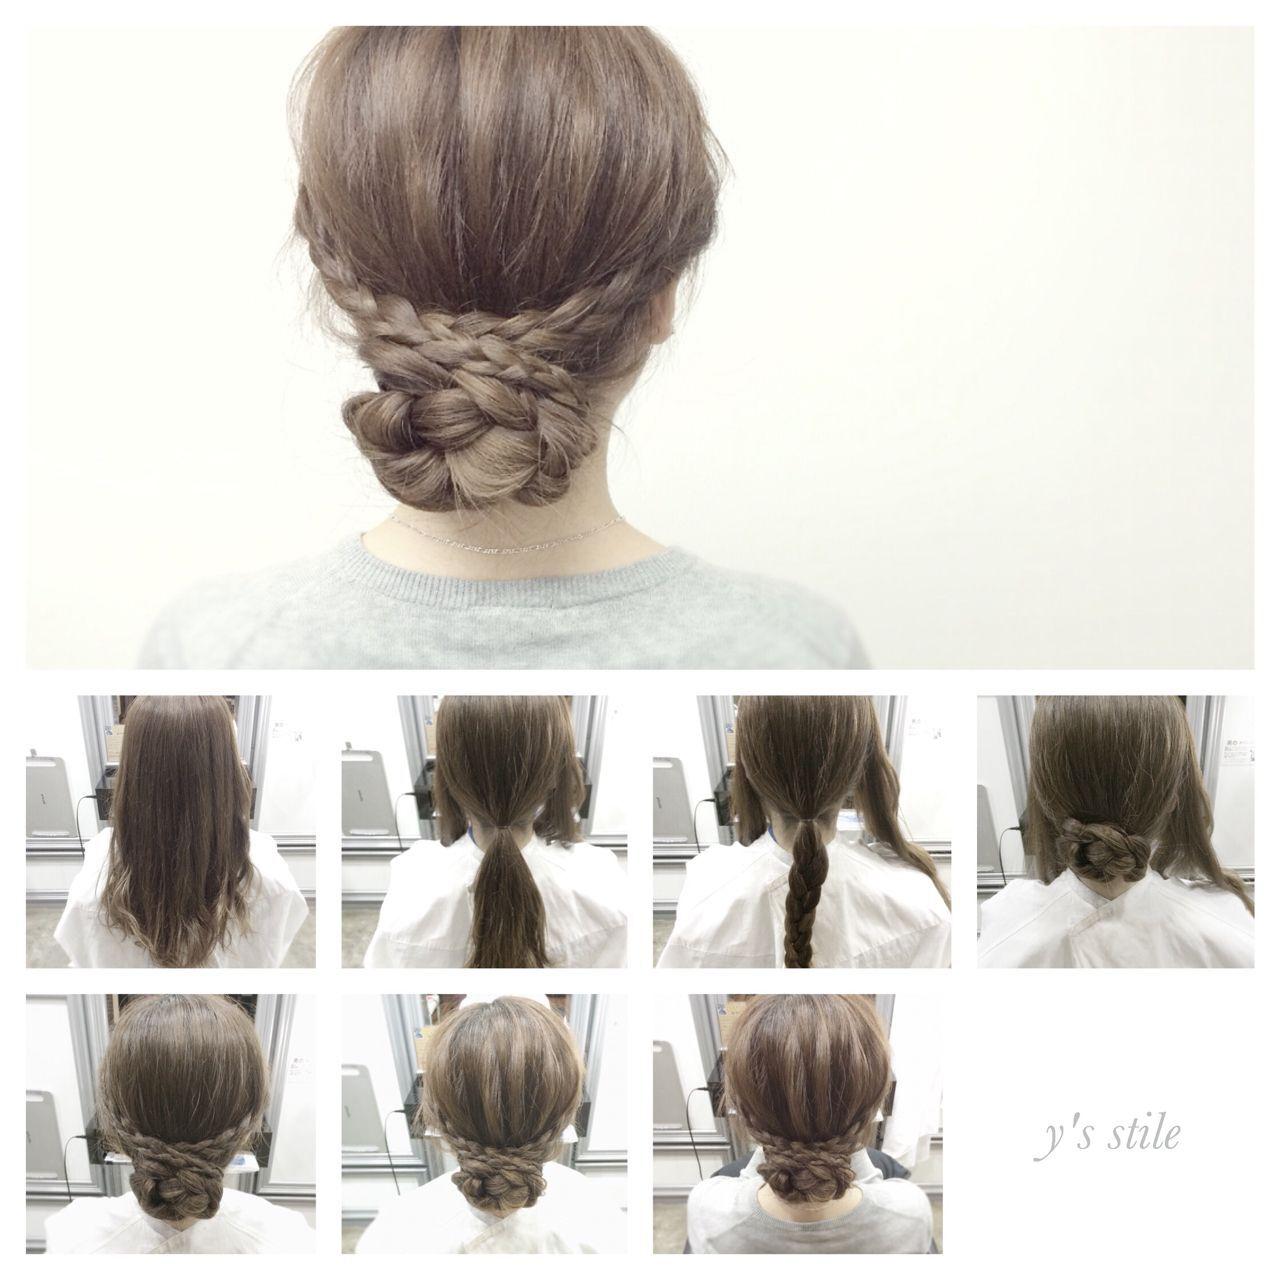 アップスタイル ミディアム ナチュラル ヘアアレンジヘアスタイルや髪型の写真・画像